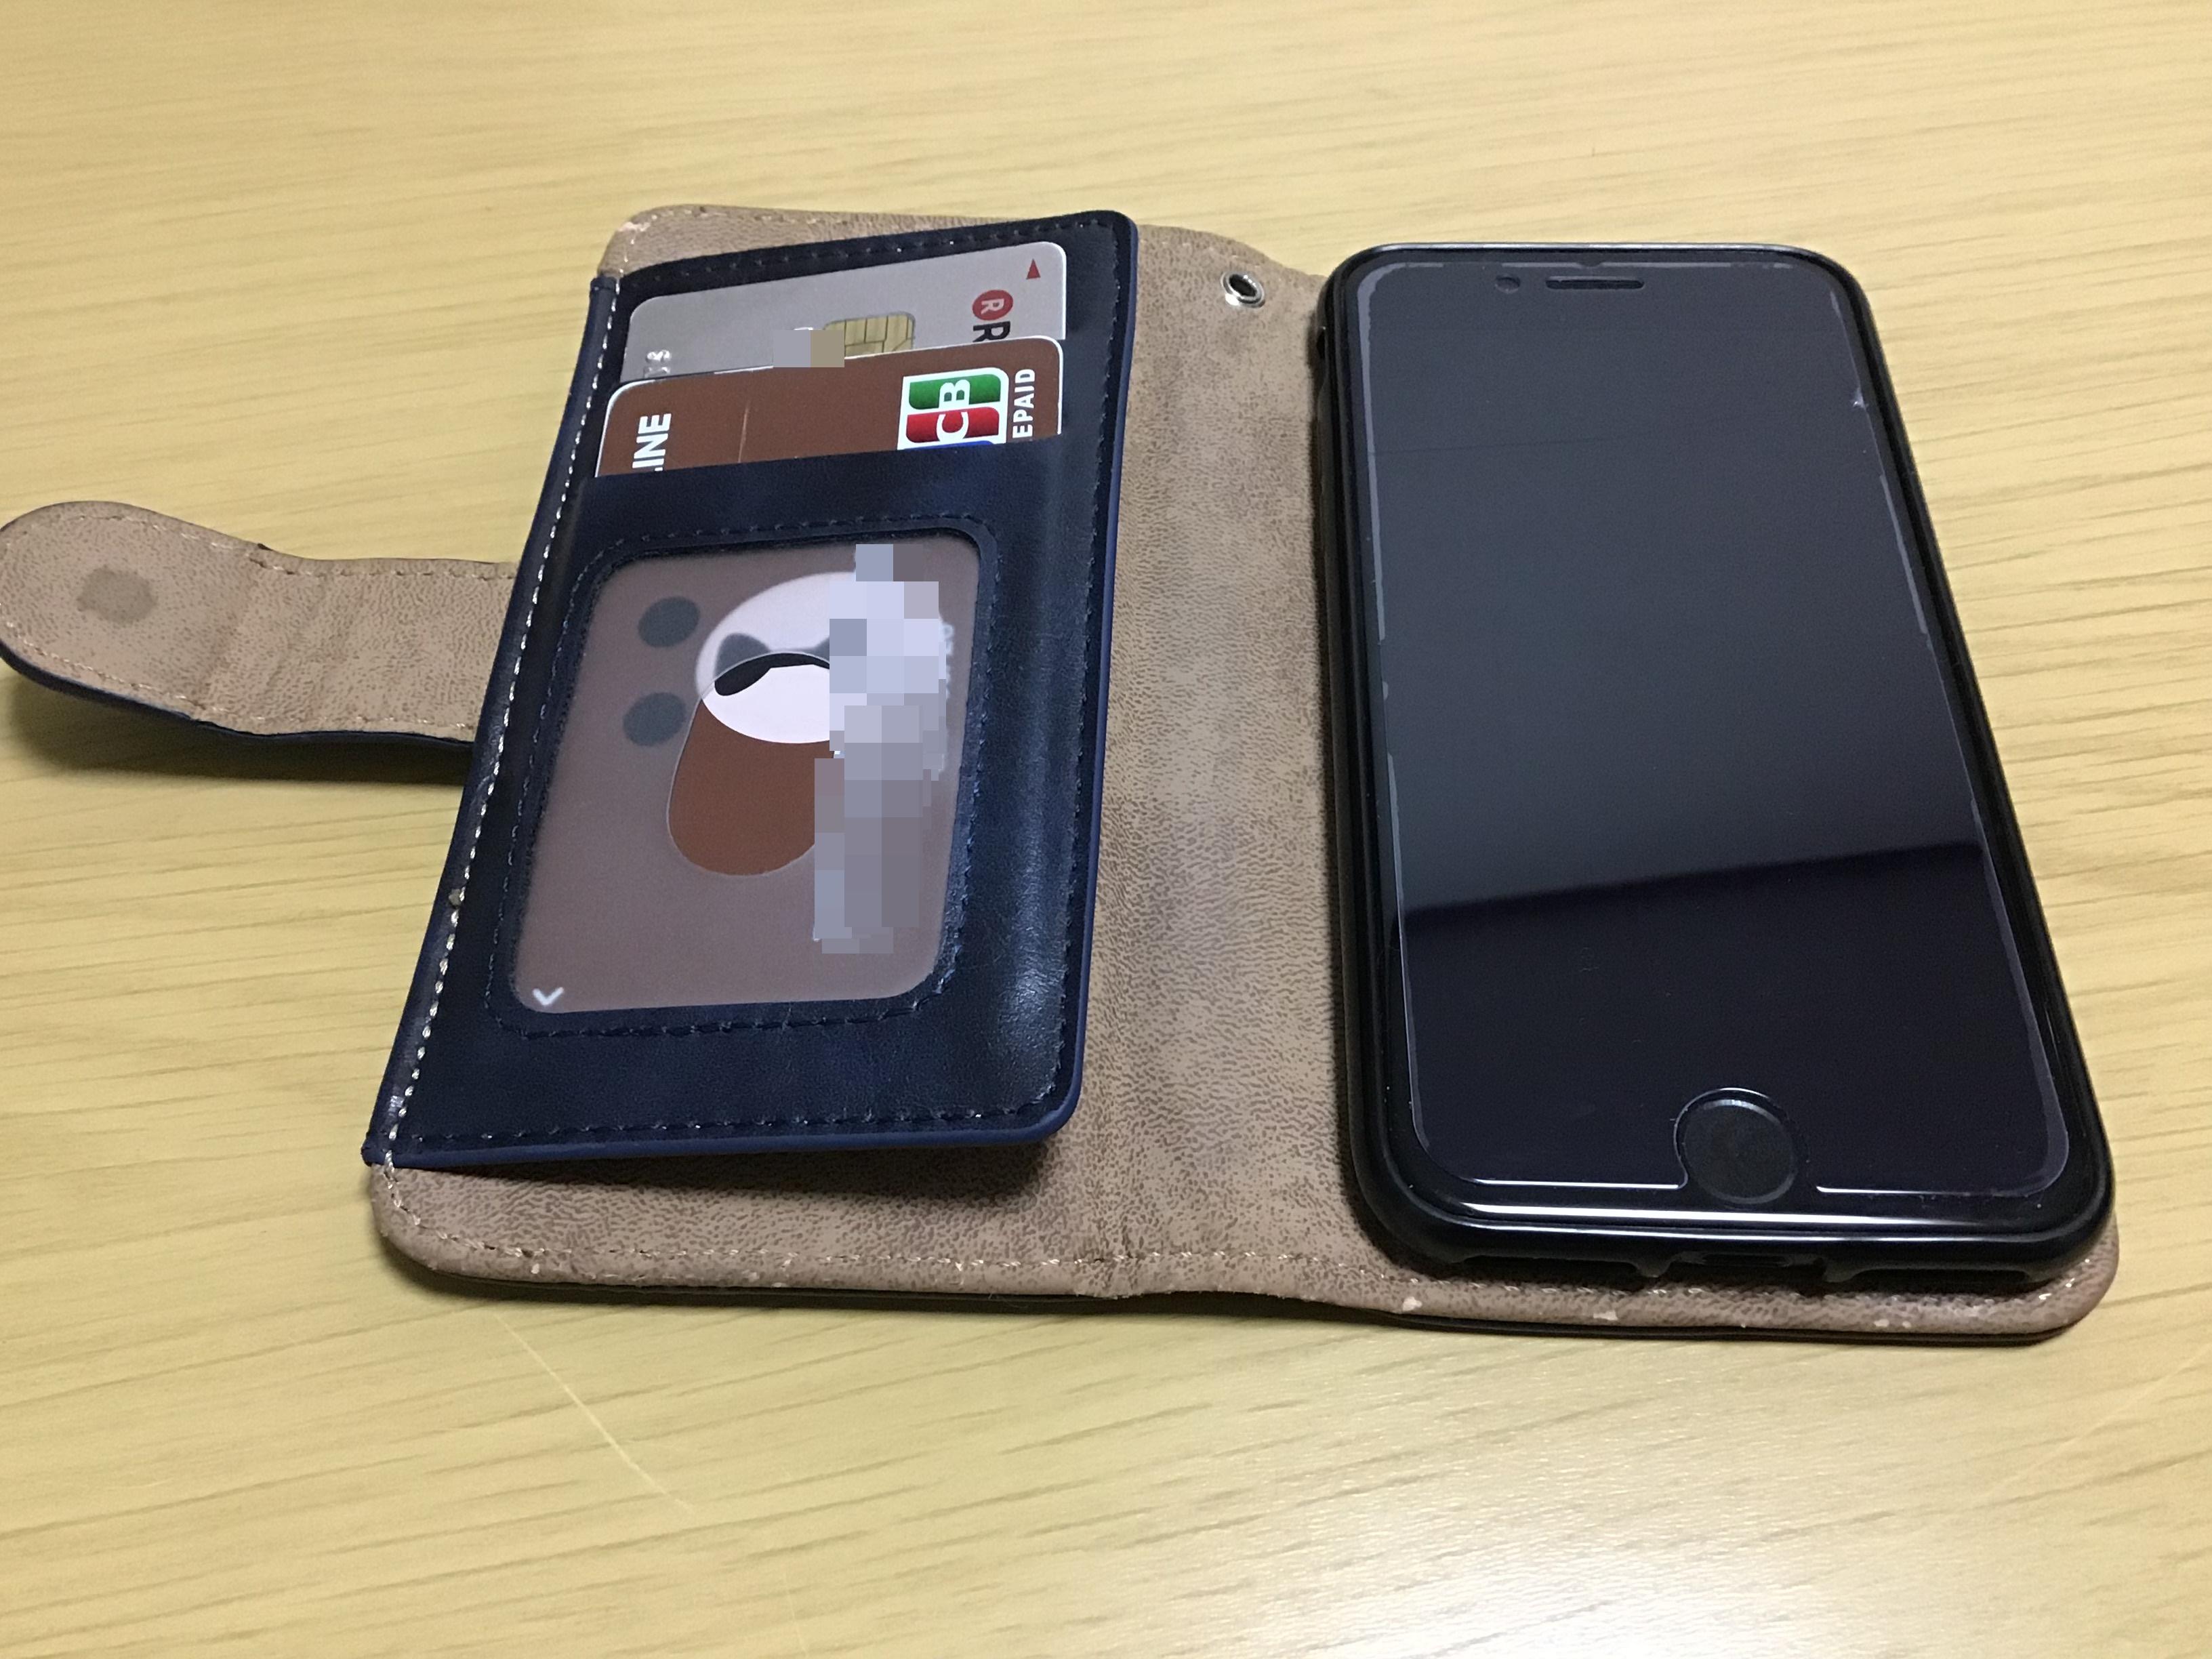 キャッシュレスからウォレットレスへ、ミニ財布からiPhone(スマホ)ケースへ